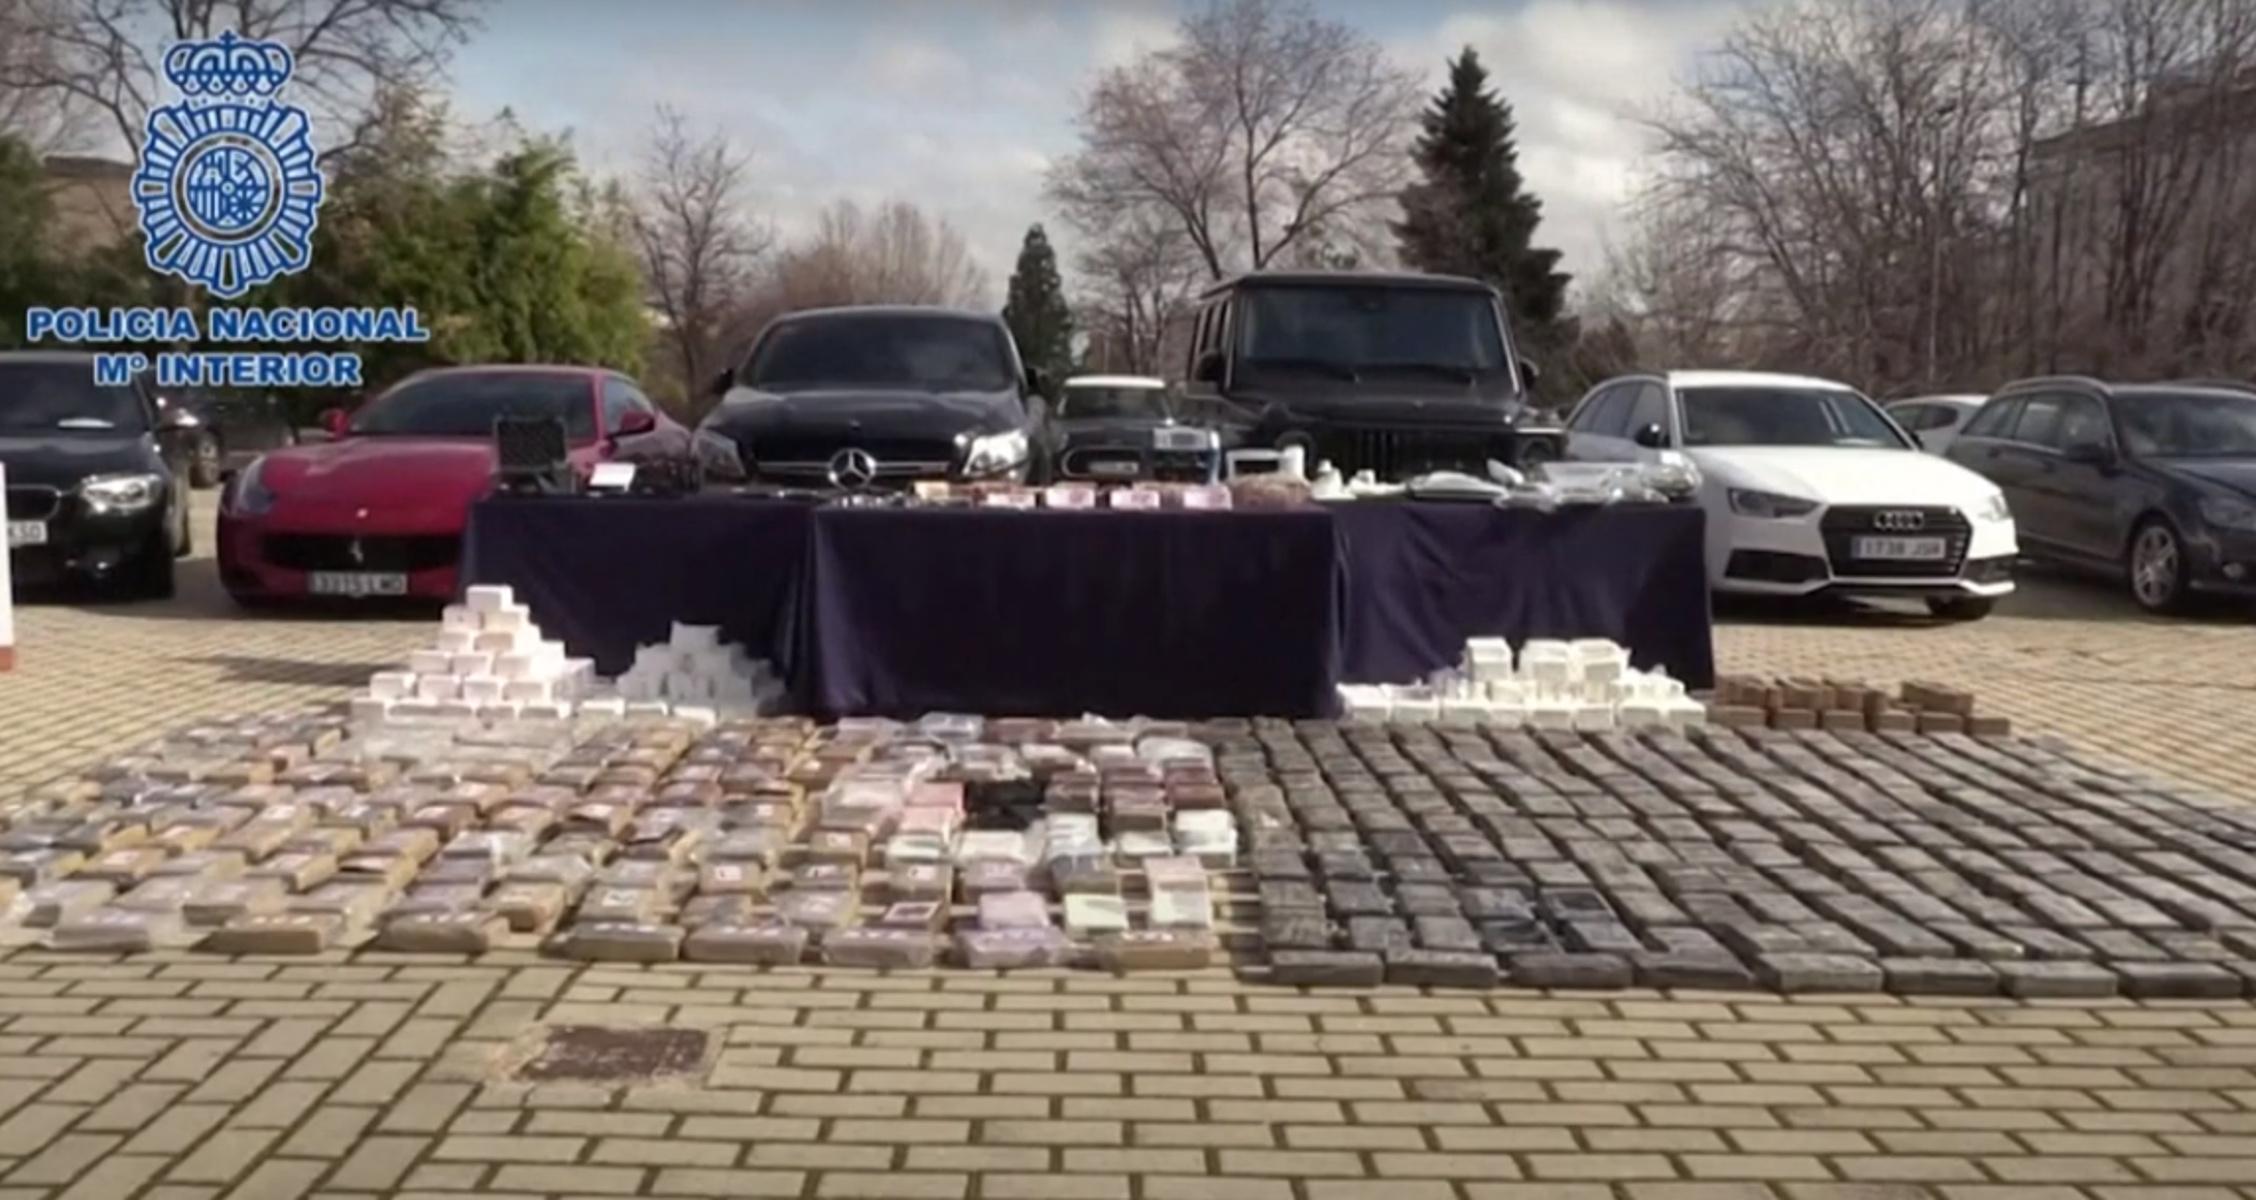 Ισπανία: Εξαρθρώθηκε μια από τις μεγαλύτερες συμμορίες διακίνησης ναρκωτικών – Κατασχέθηκαν 600 κιλά κοκαΐνης